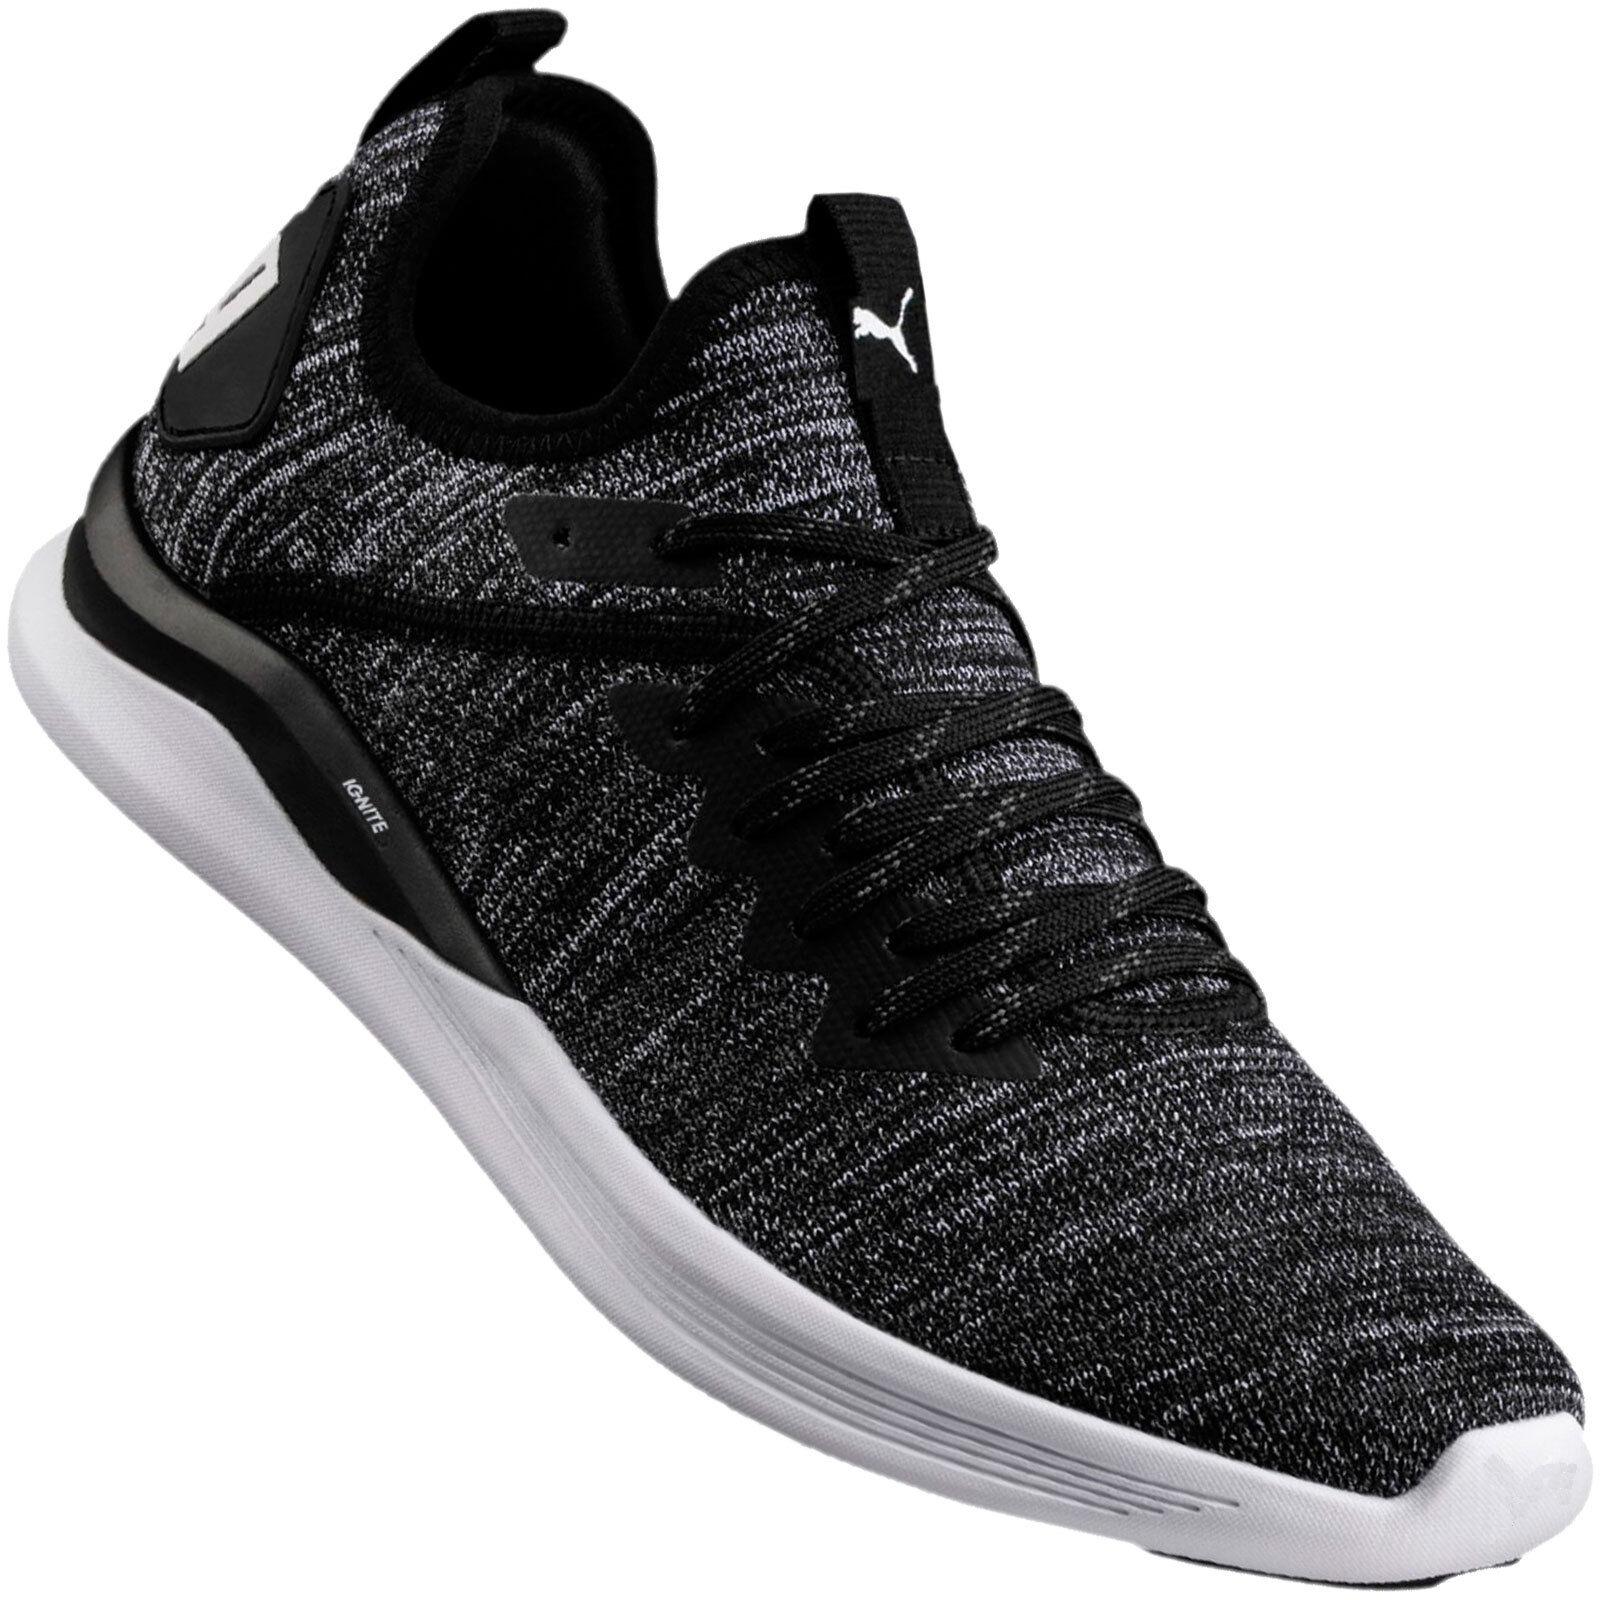 Puma Ignite Flash Evoknit Zapatillas de Deporte Hombres Zapatos Deportivos